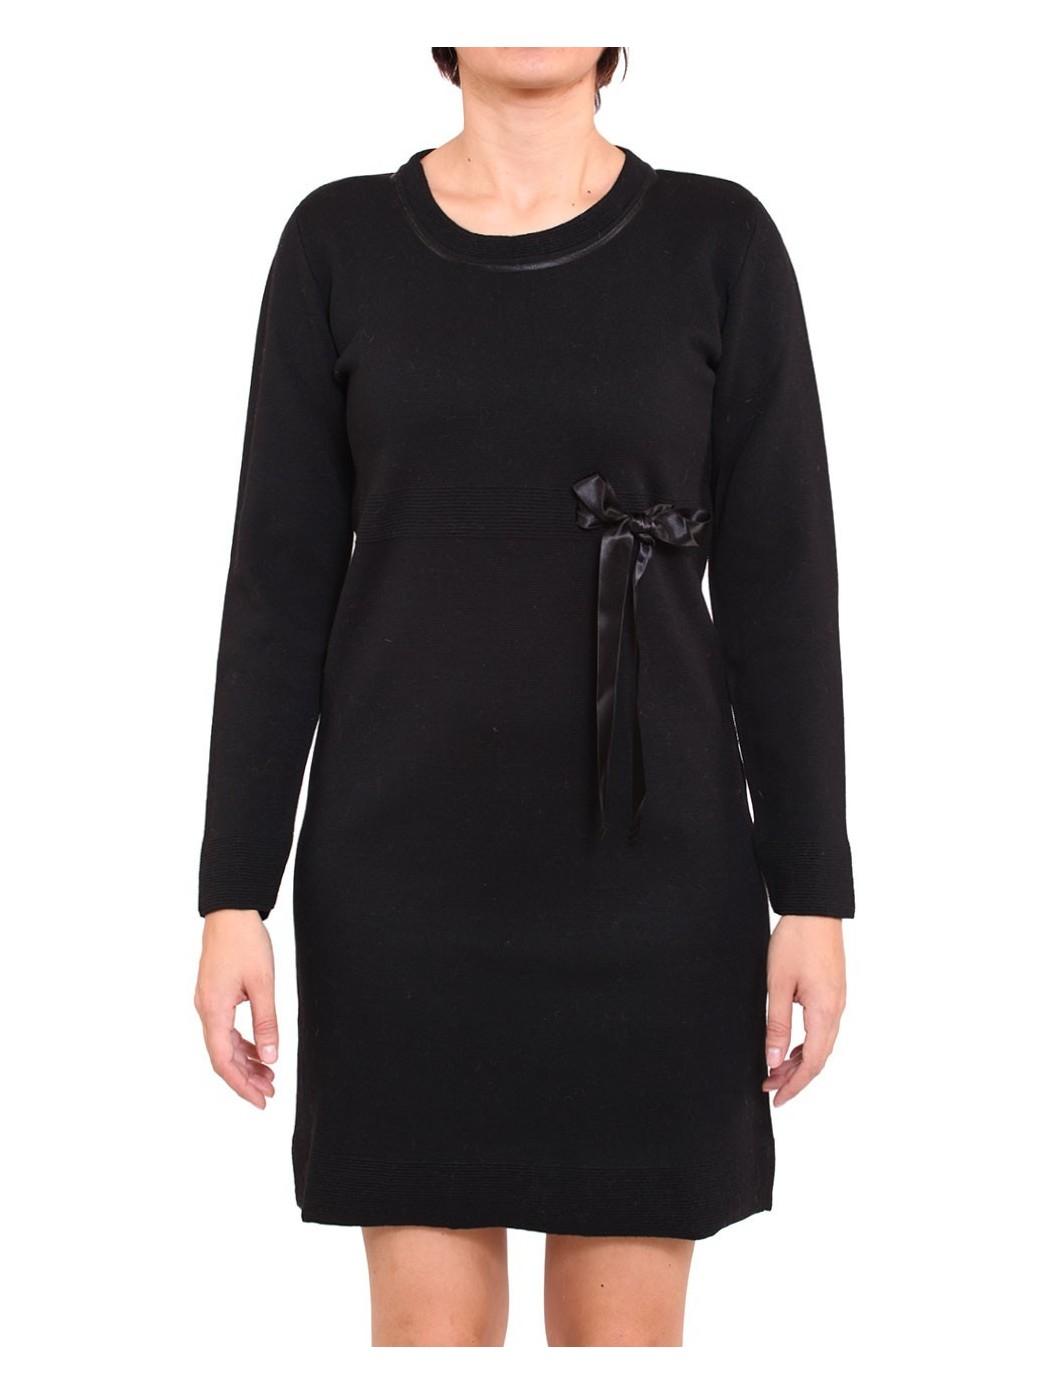 Musetti wool dress